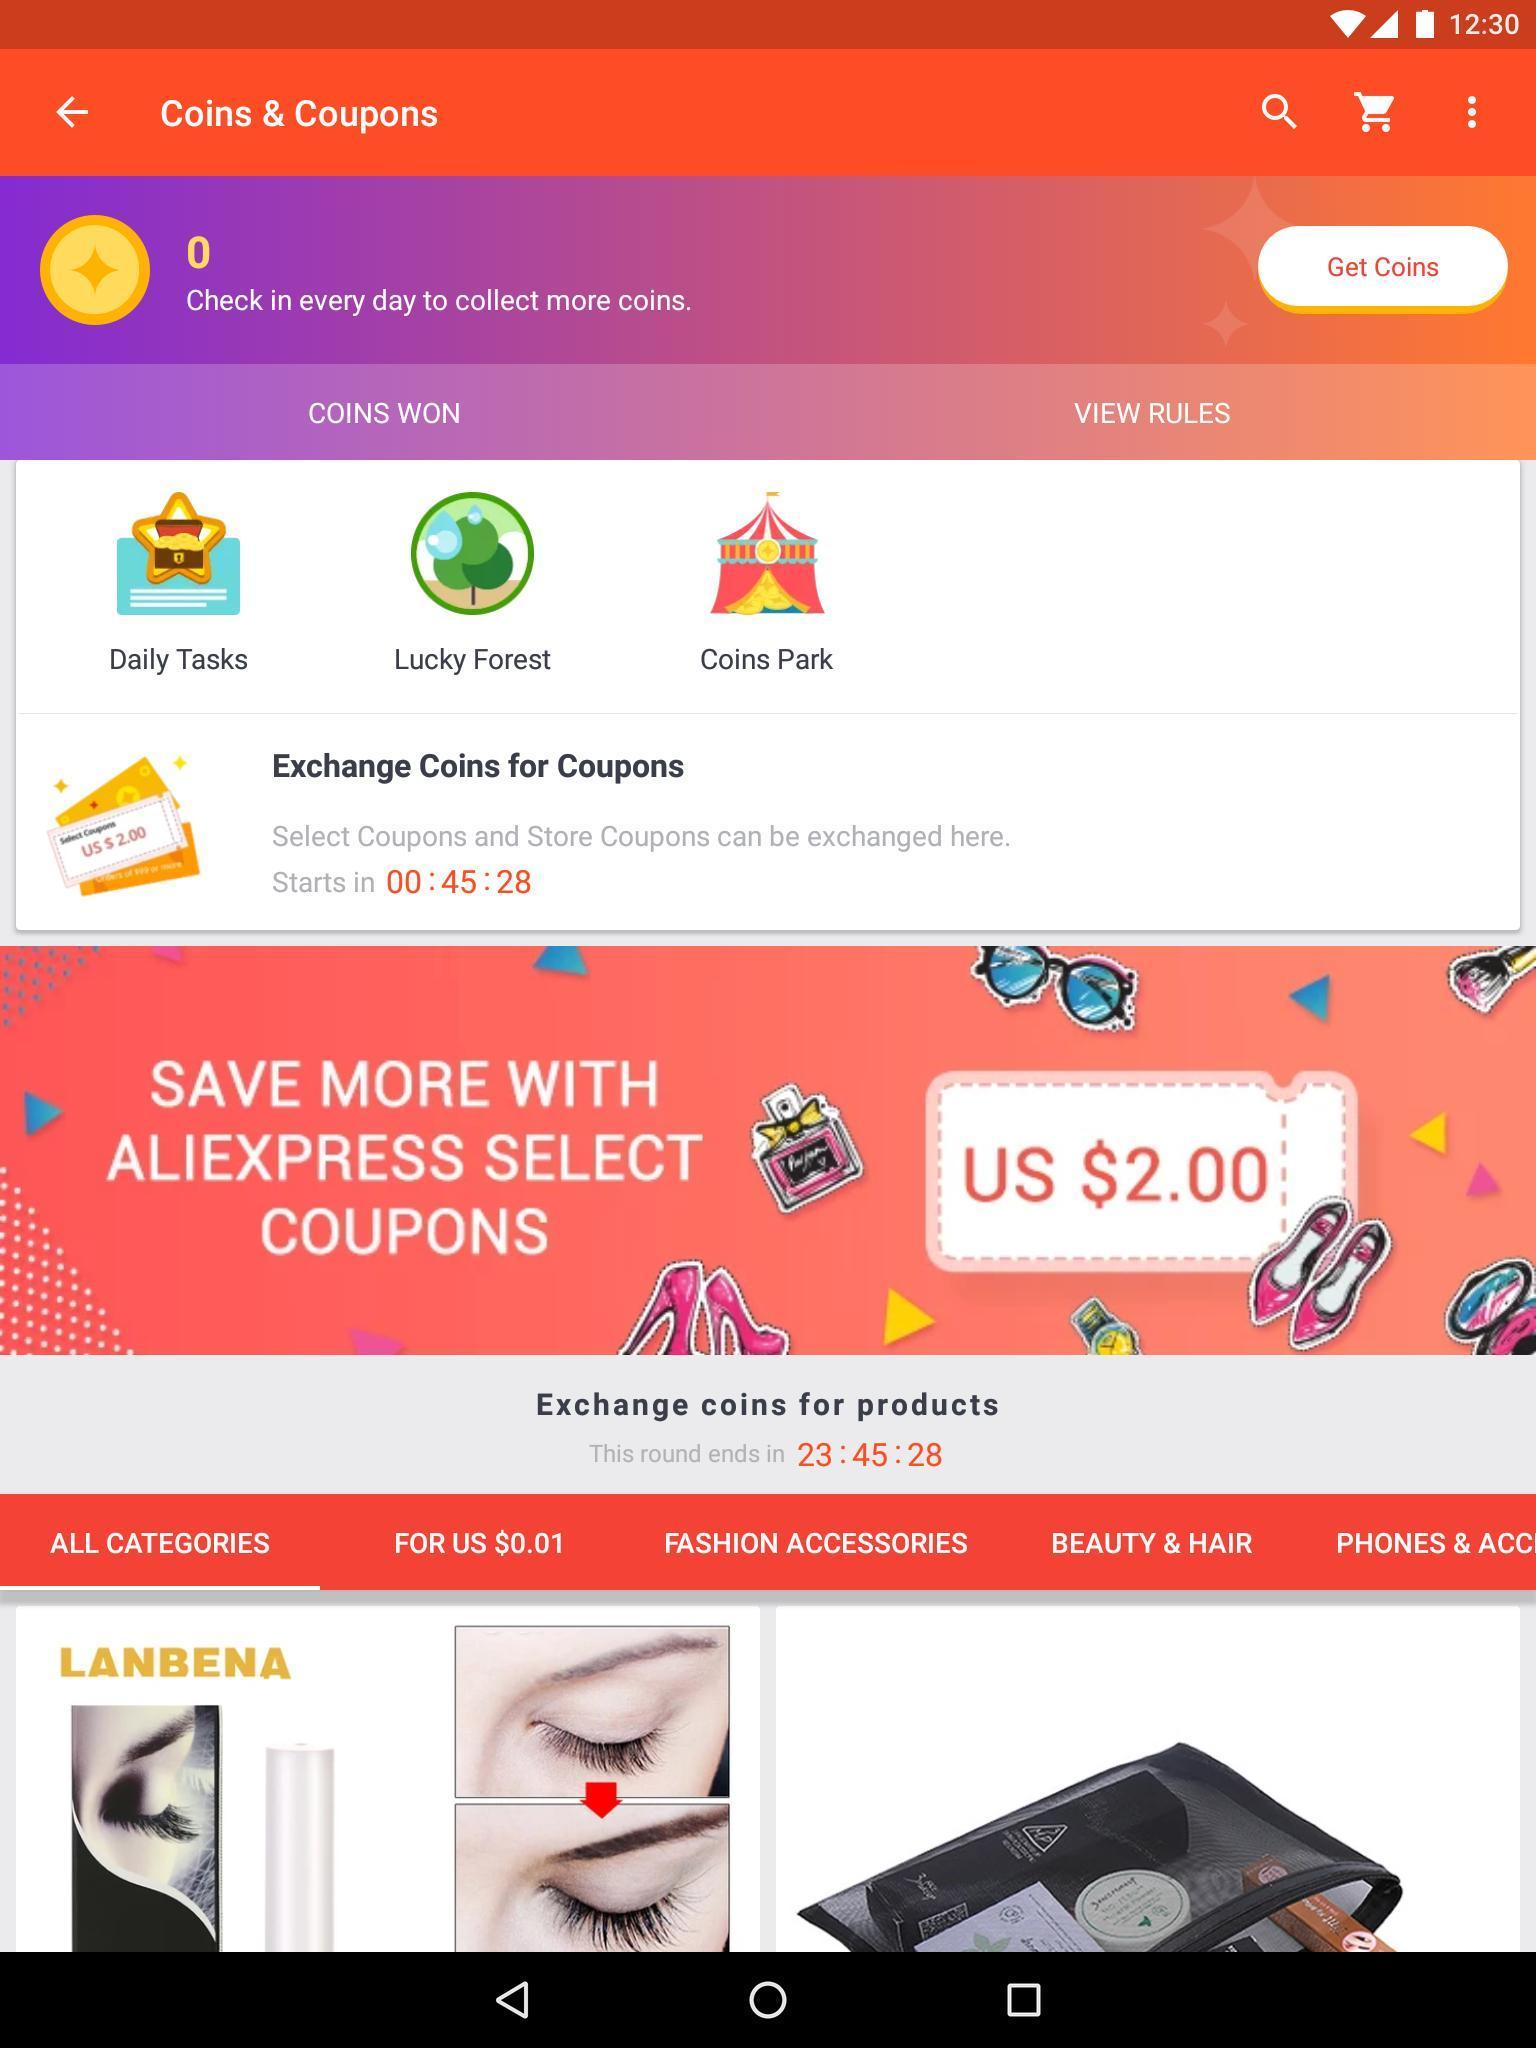 AliExpress Smarter Shopping, Better Living 8.3.3 Screenshot 8